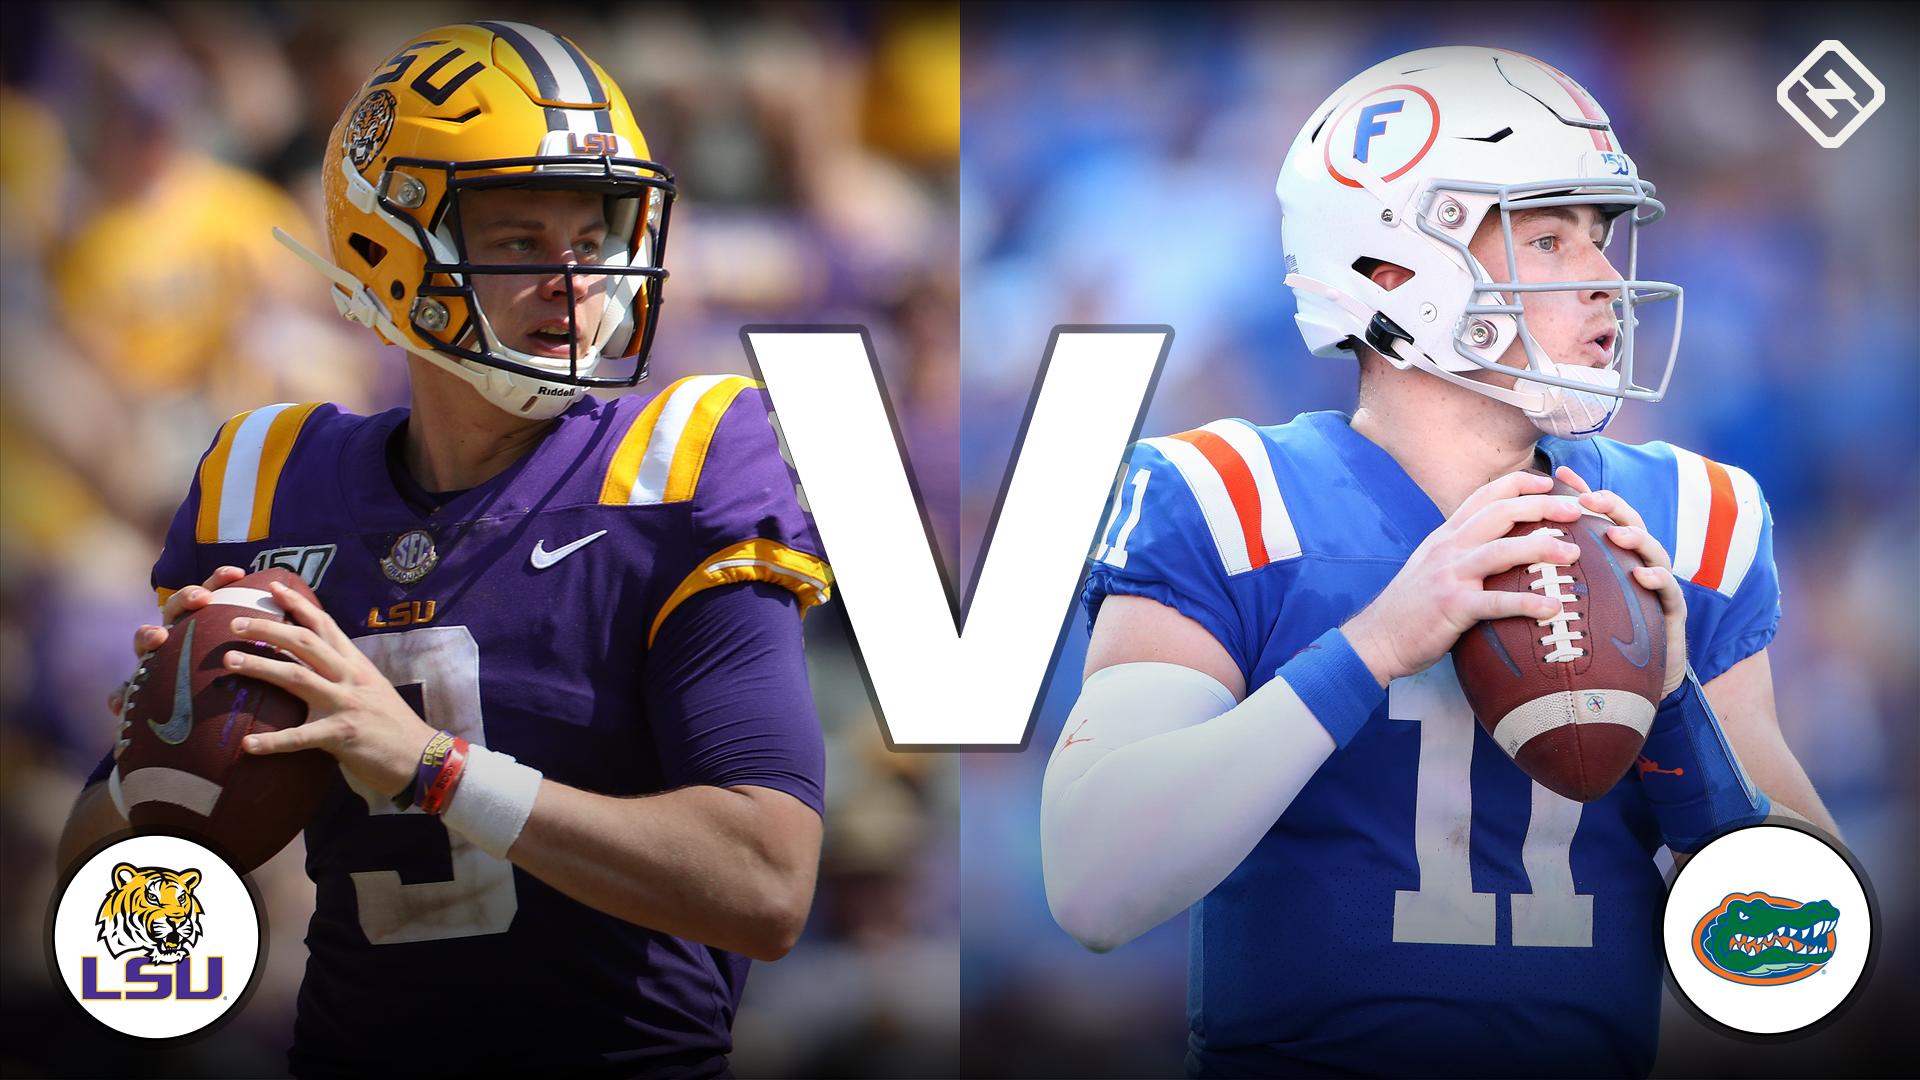 ¿En qué canal está Florida vs. LSU hoy? Horario, tiempo para el juego SEC de la semana 7 2